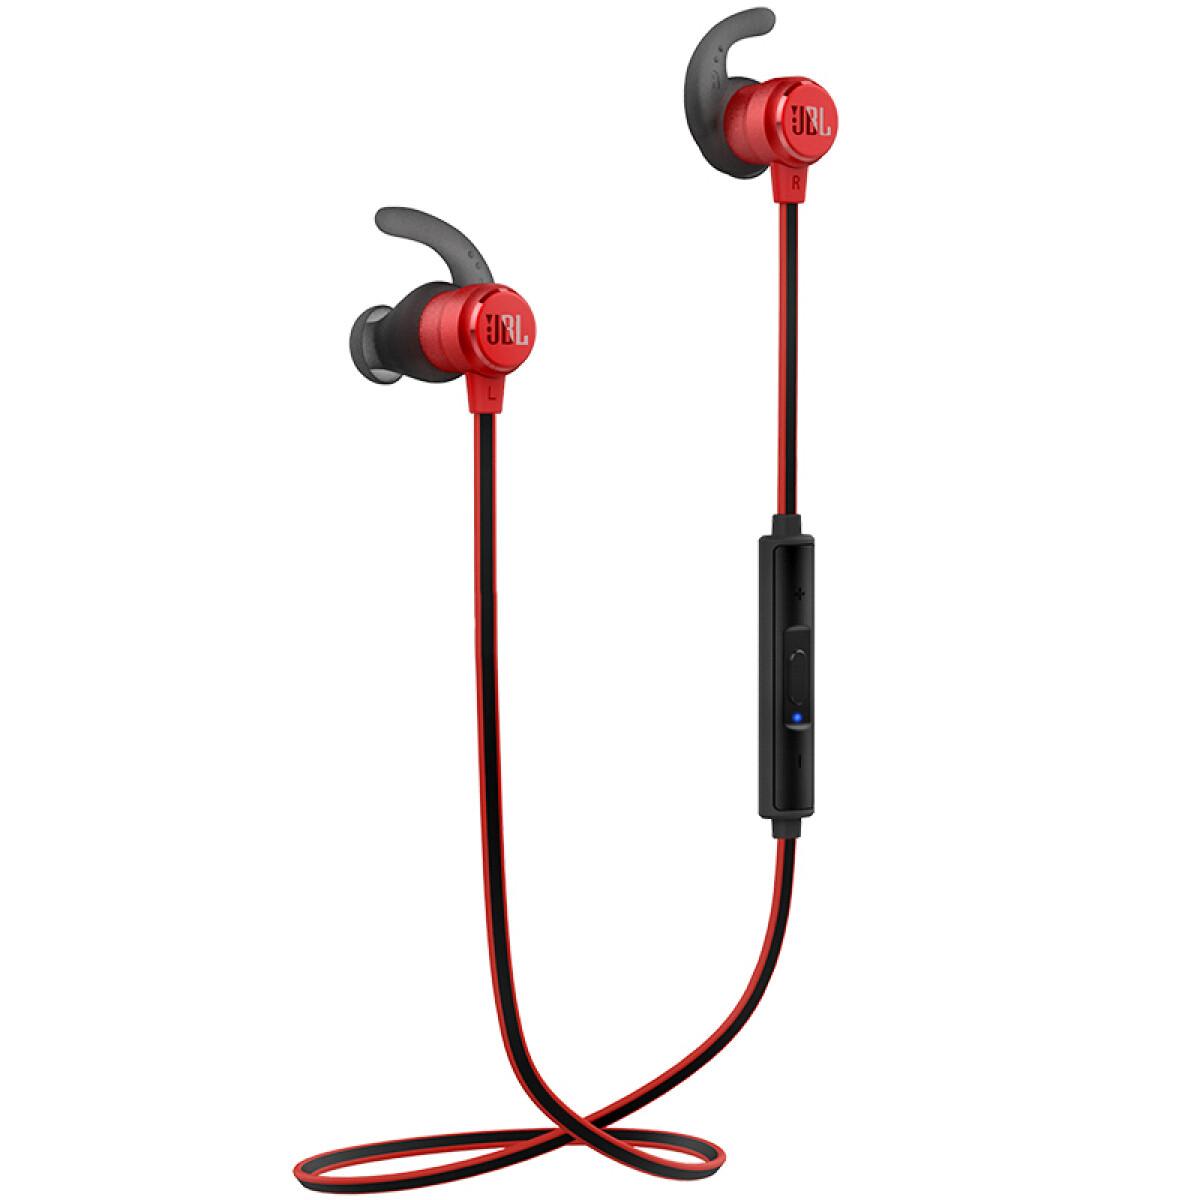 JBL T280BT 入耳式 蓝牙无线耳机